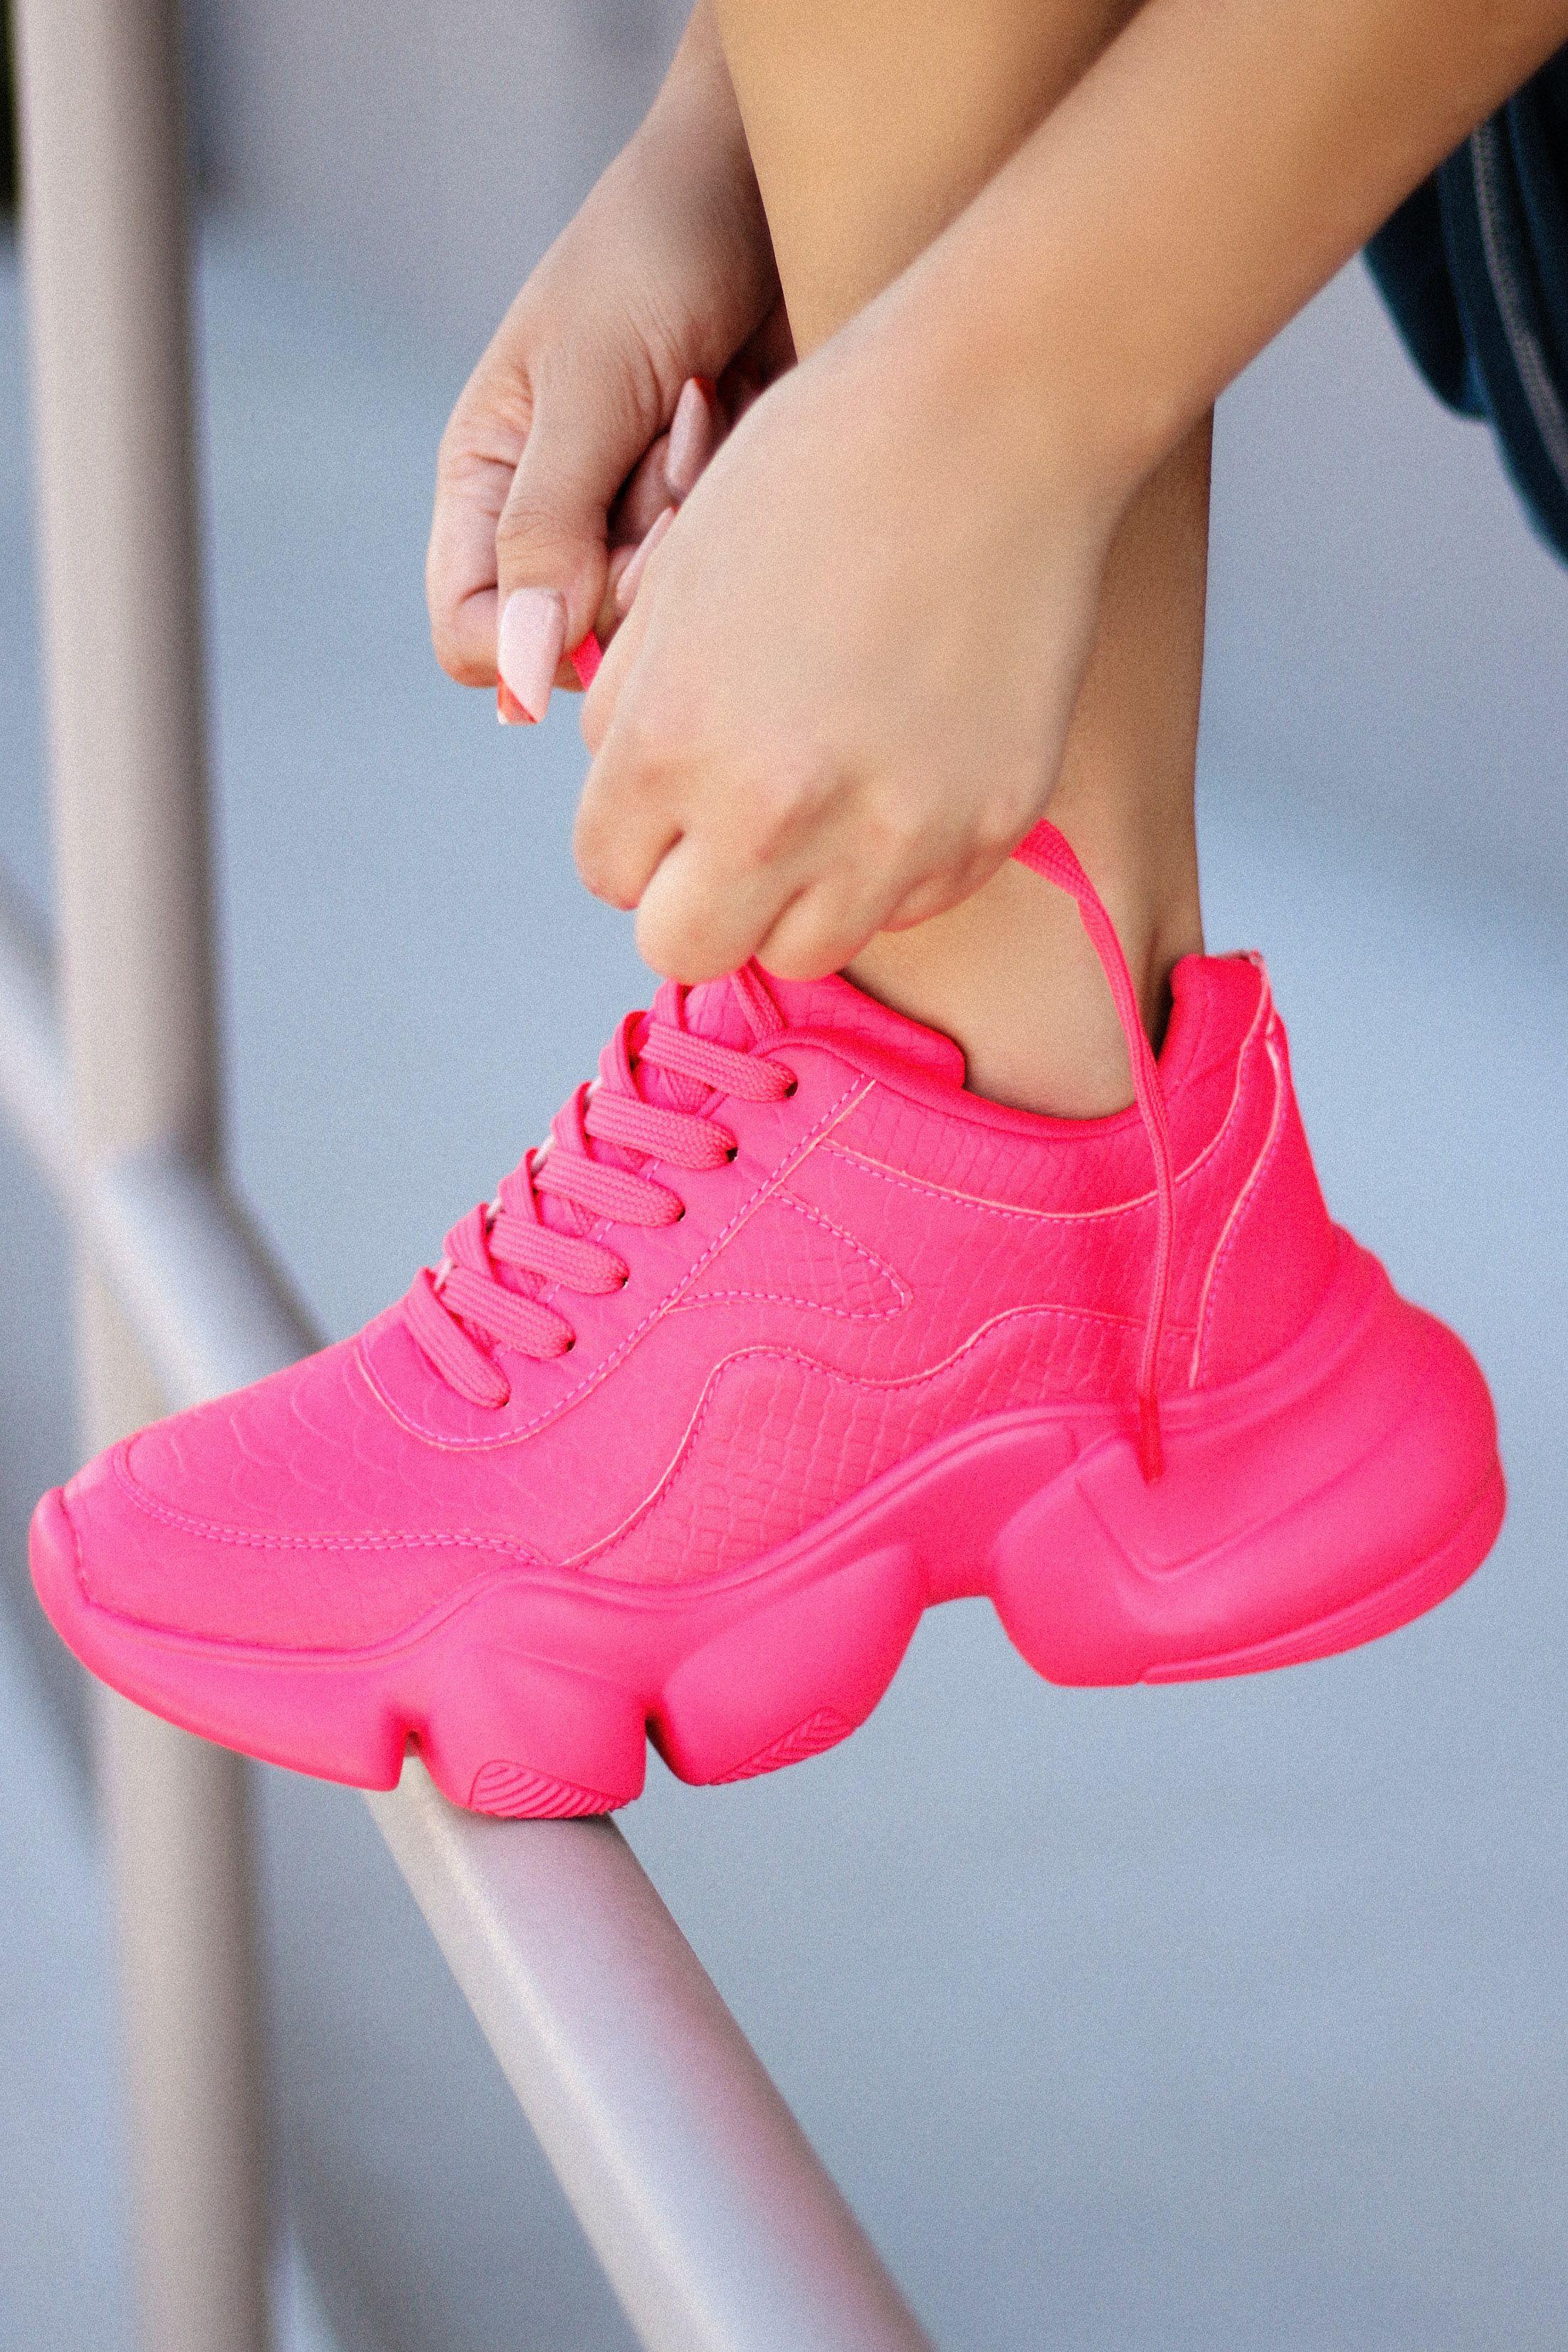 NEON PINK SNEAKERS   Pink sneakers